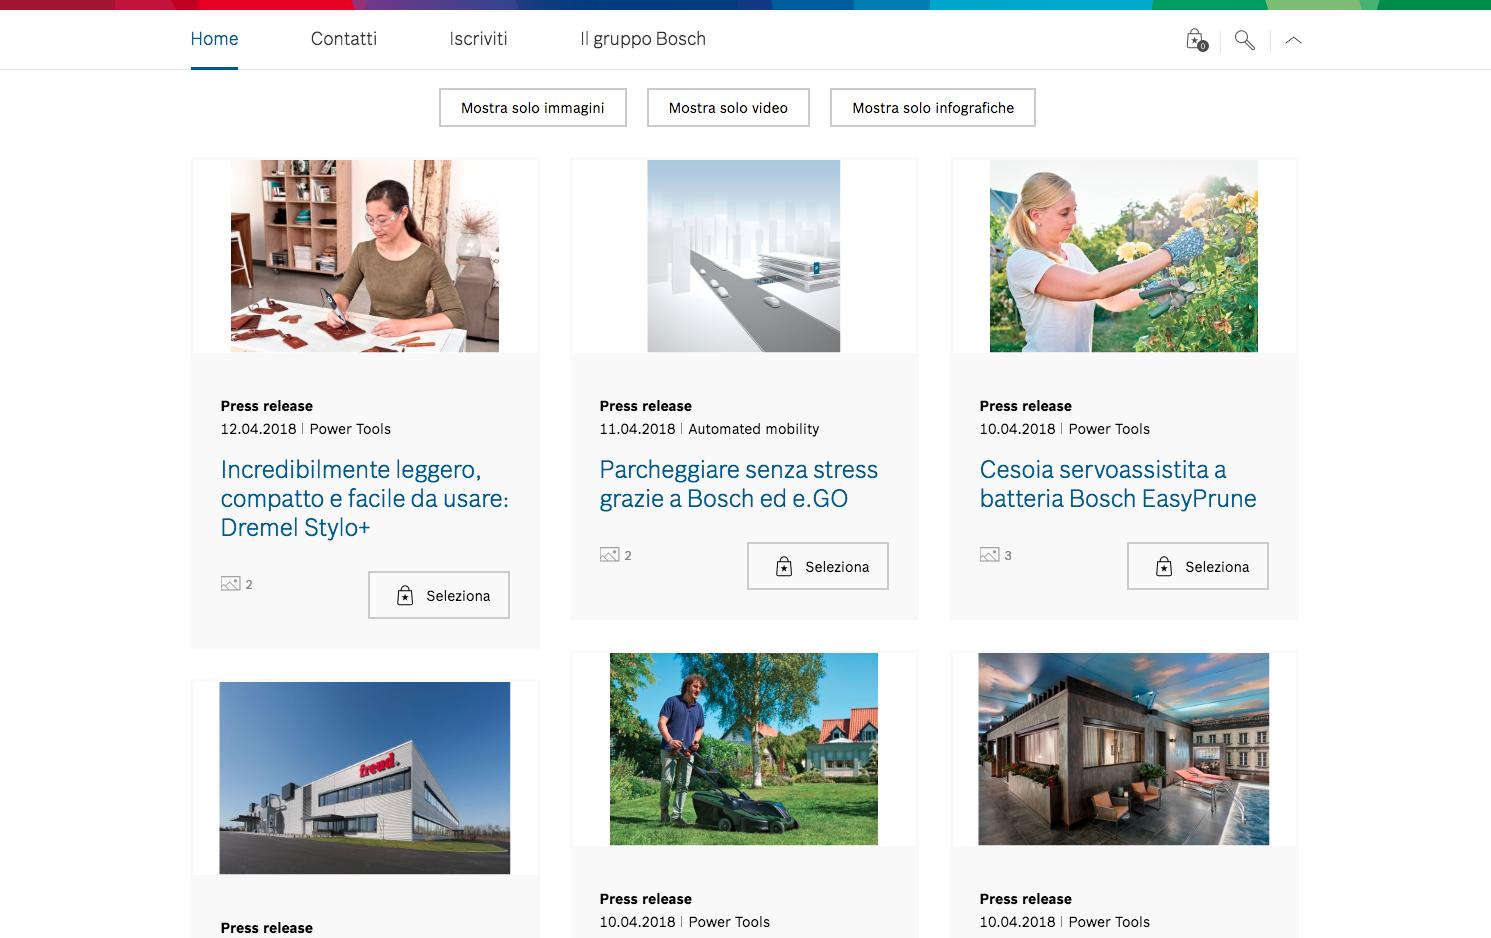 Bosch Italia rinnova i suoi canali di comunicazione